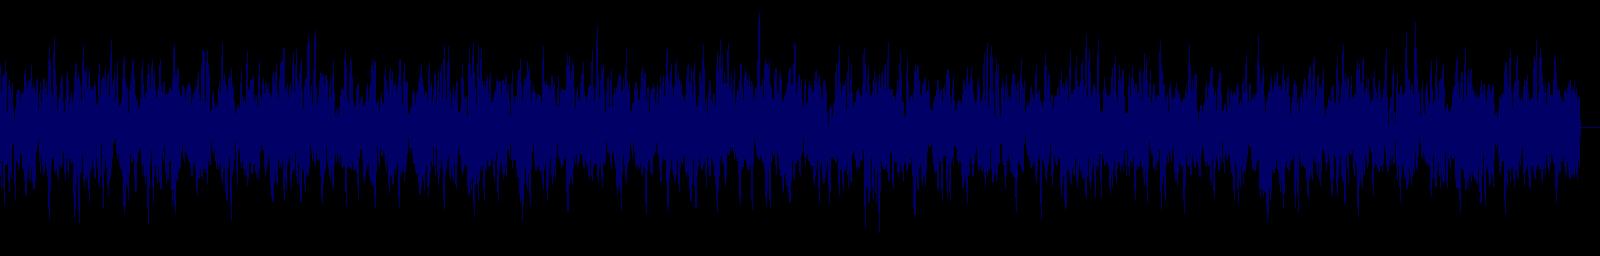 waveform of track #150633